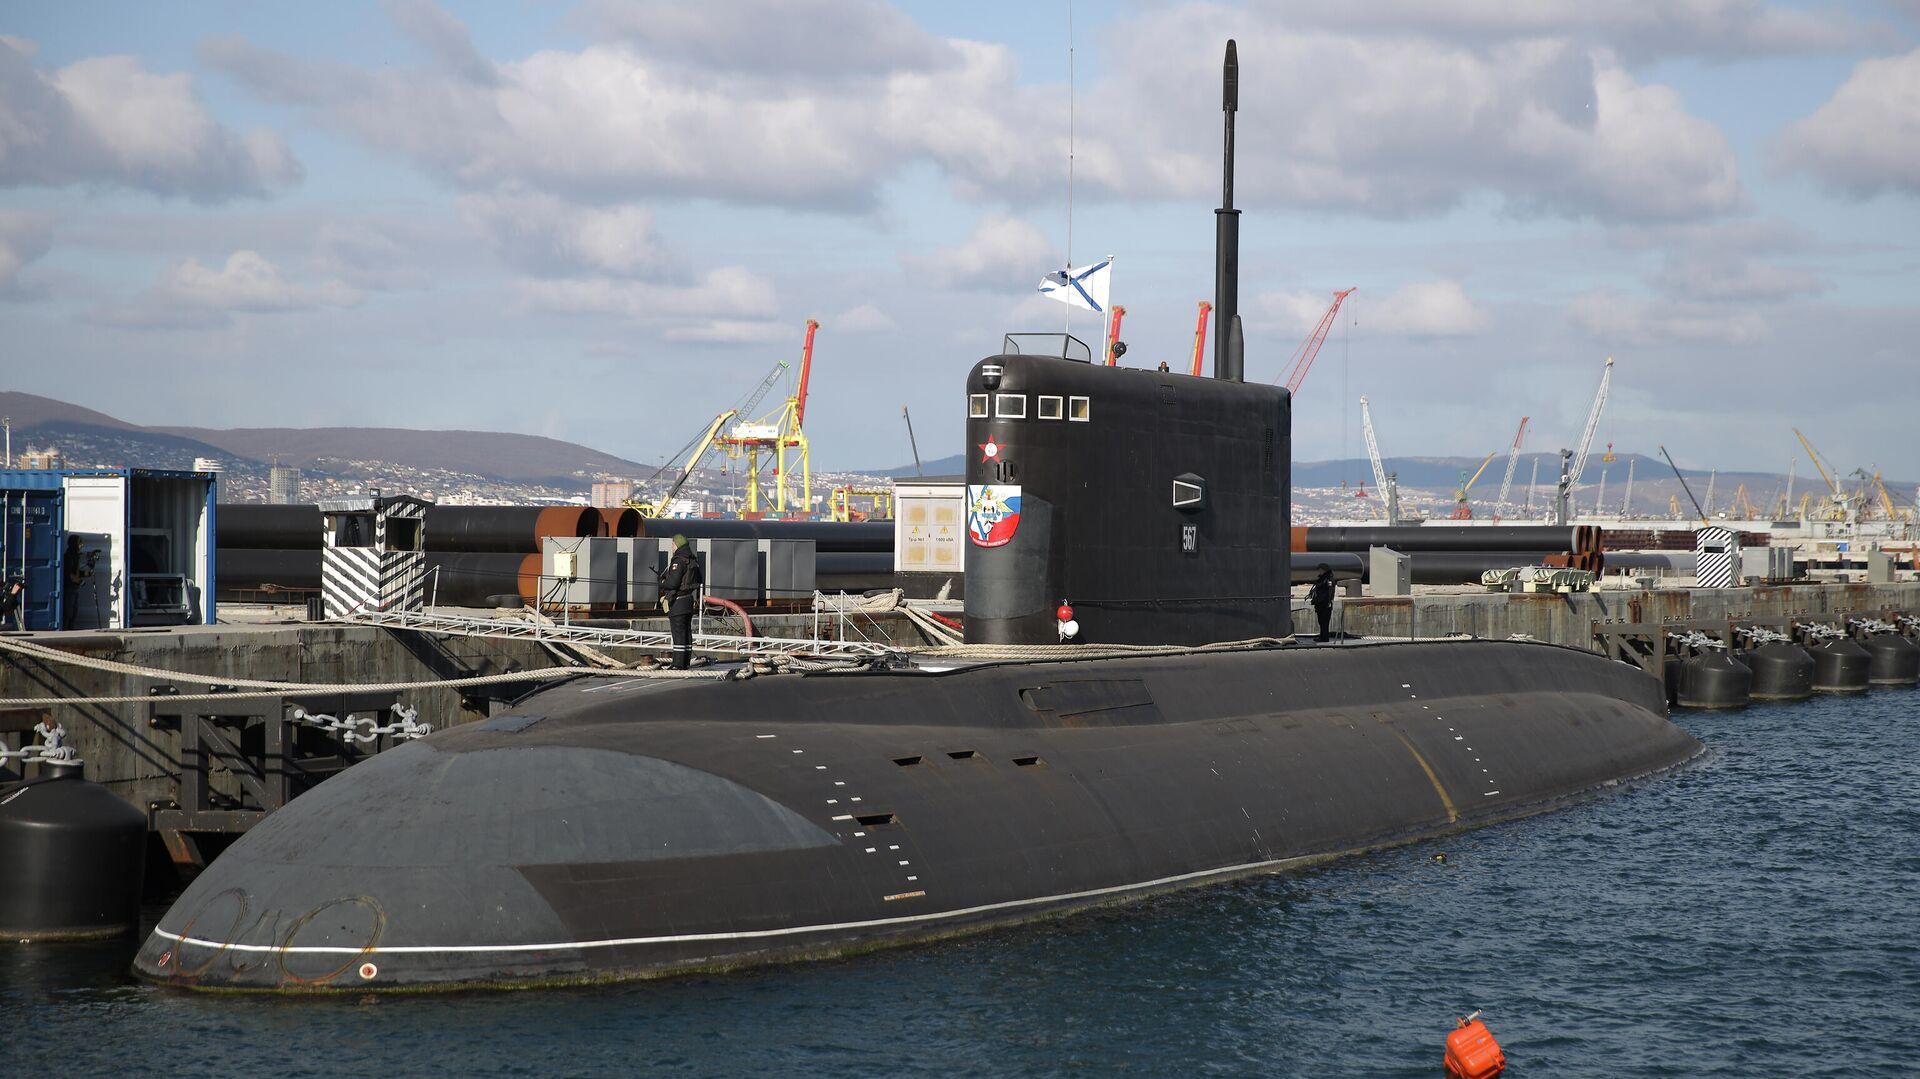 El submarino Veliki Novgorod de la Armada de Rusia - Sputnik Mundo, 1920, 29.03.2021